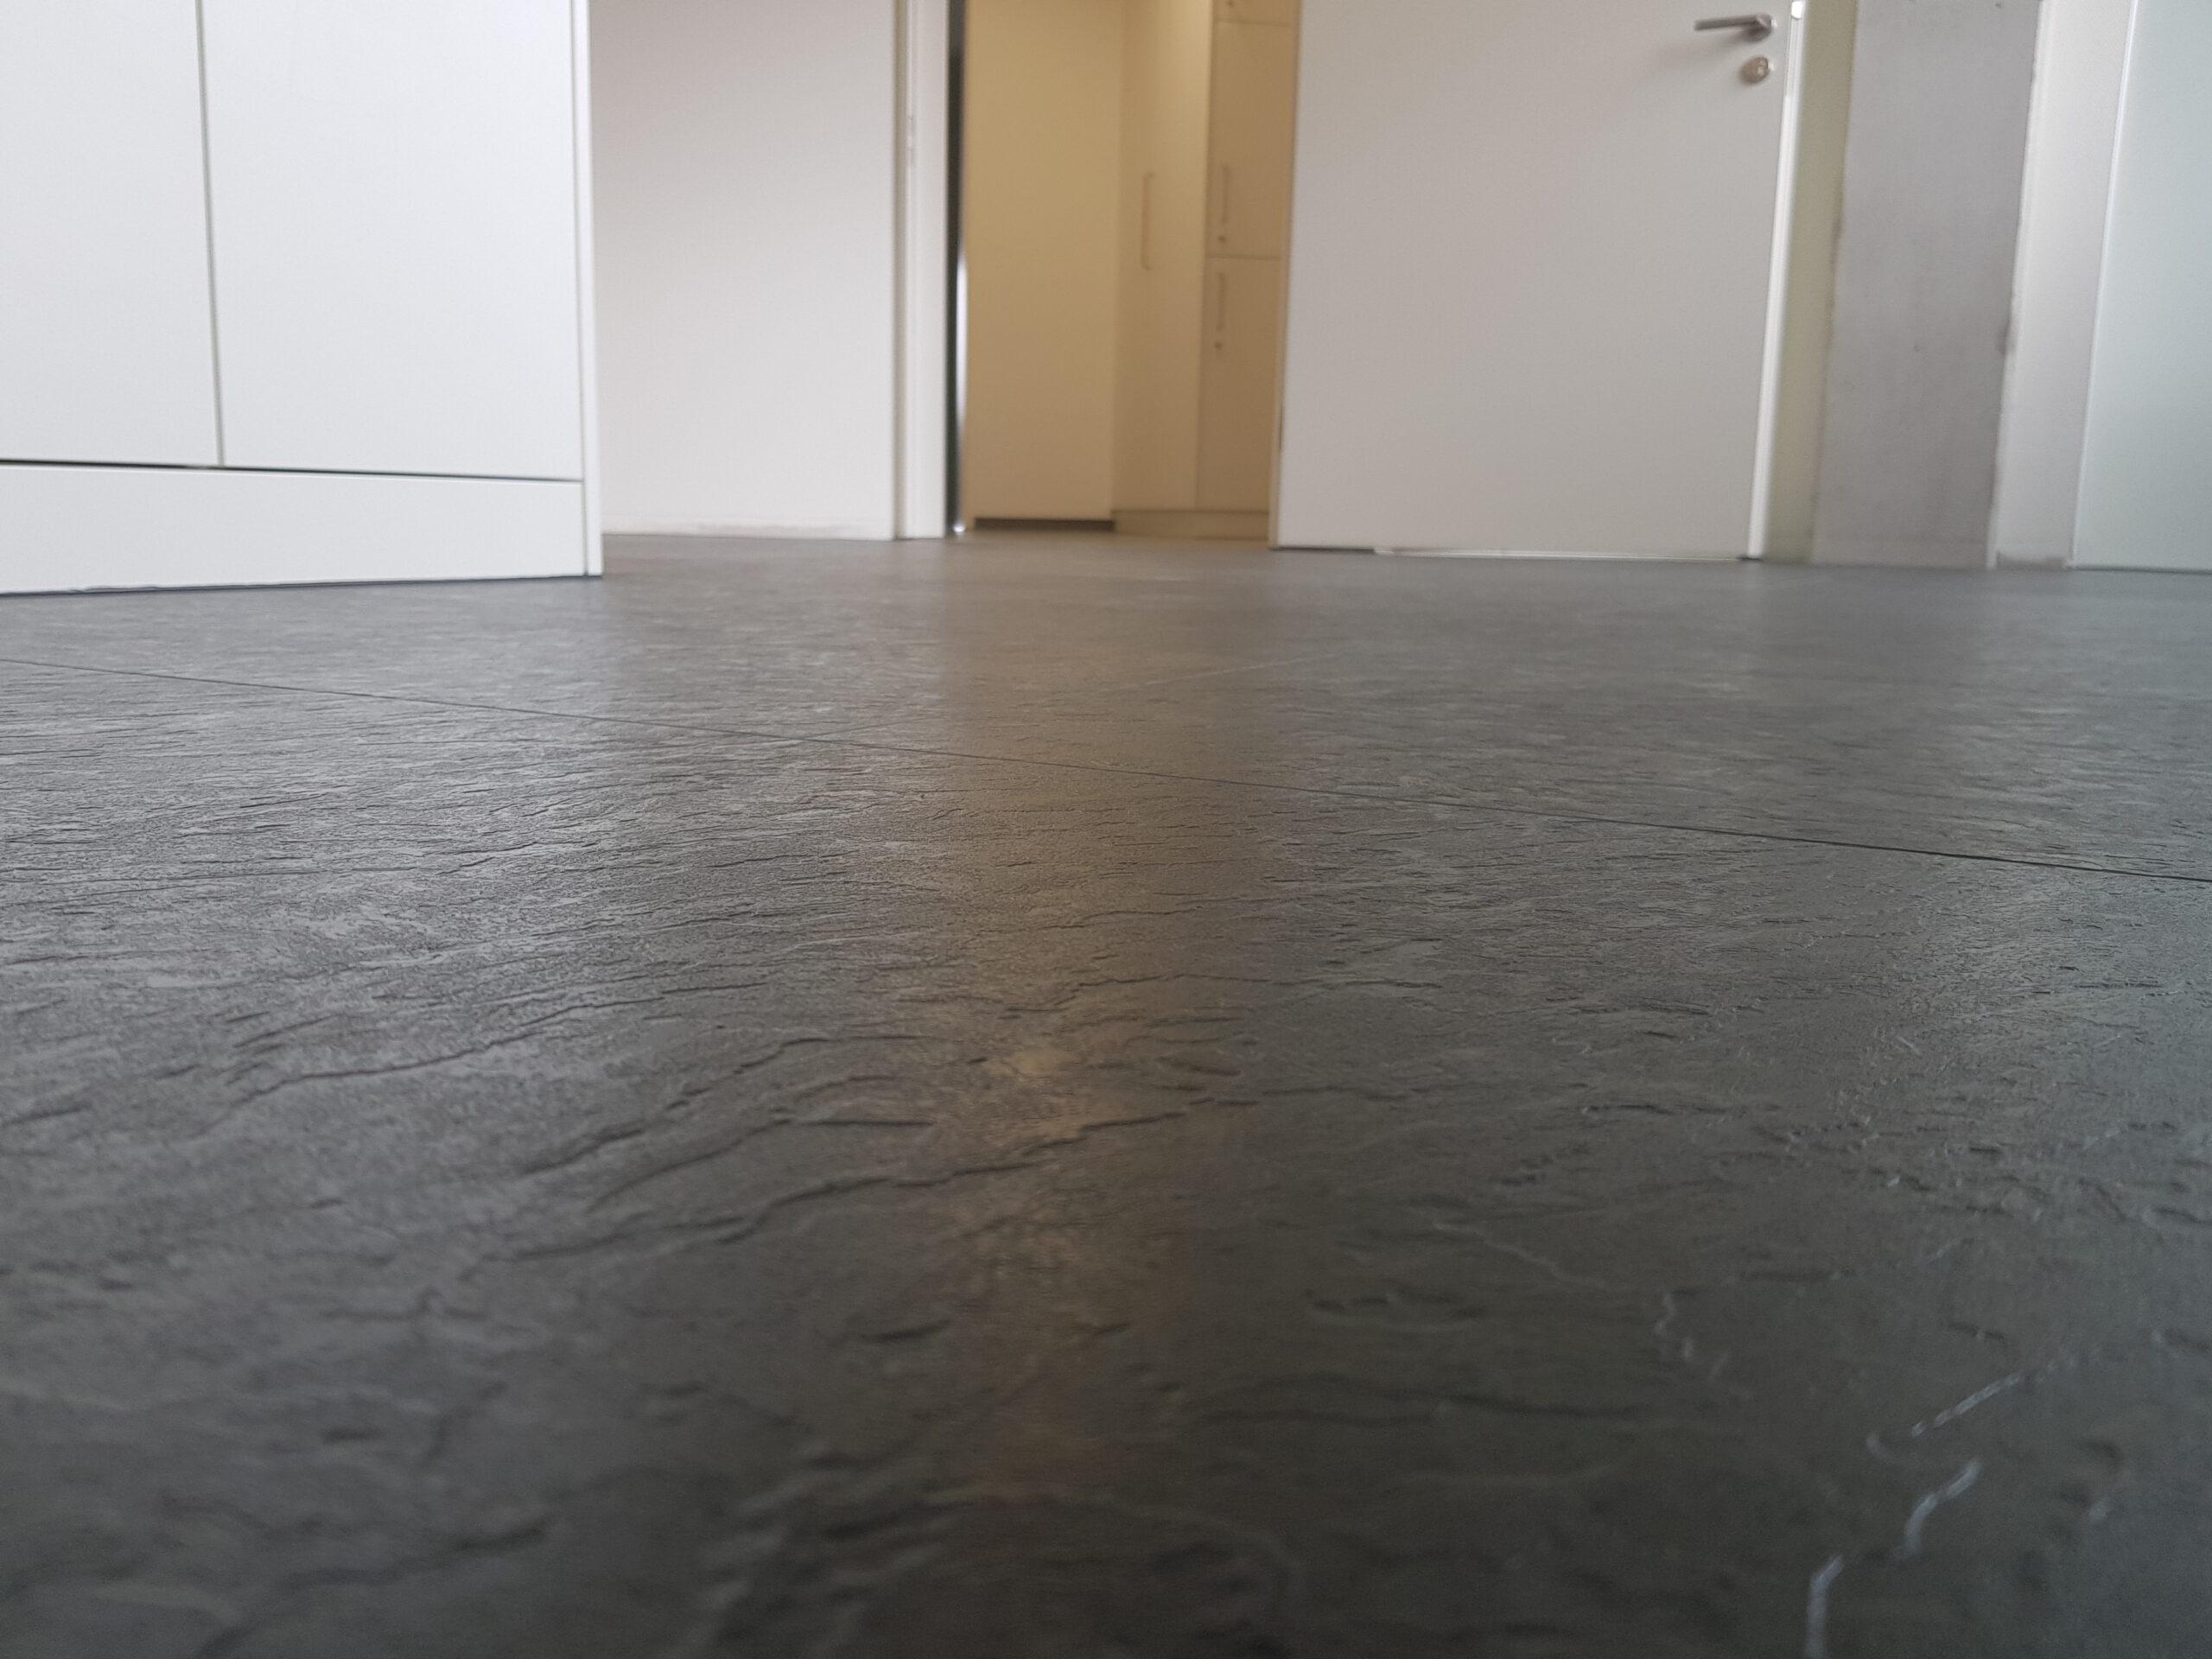 Kautschuk-Bodenbelag für Ärztehaus 3